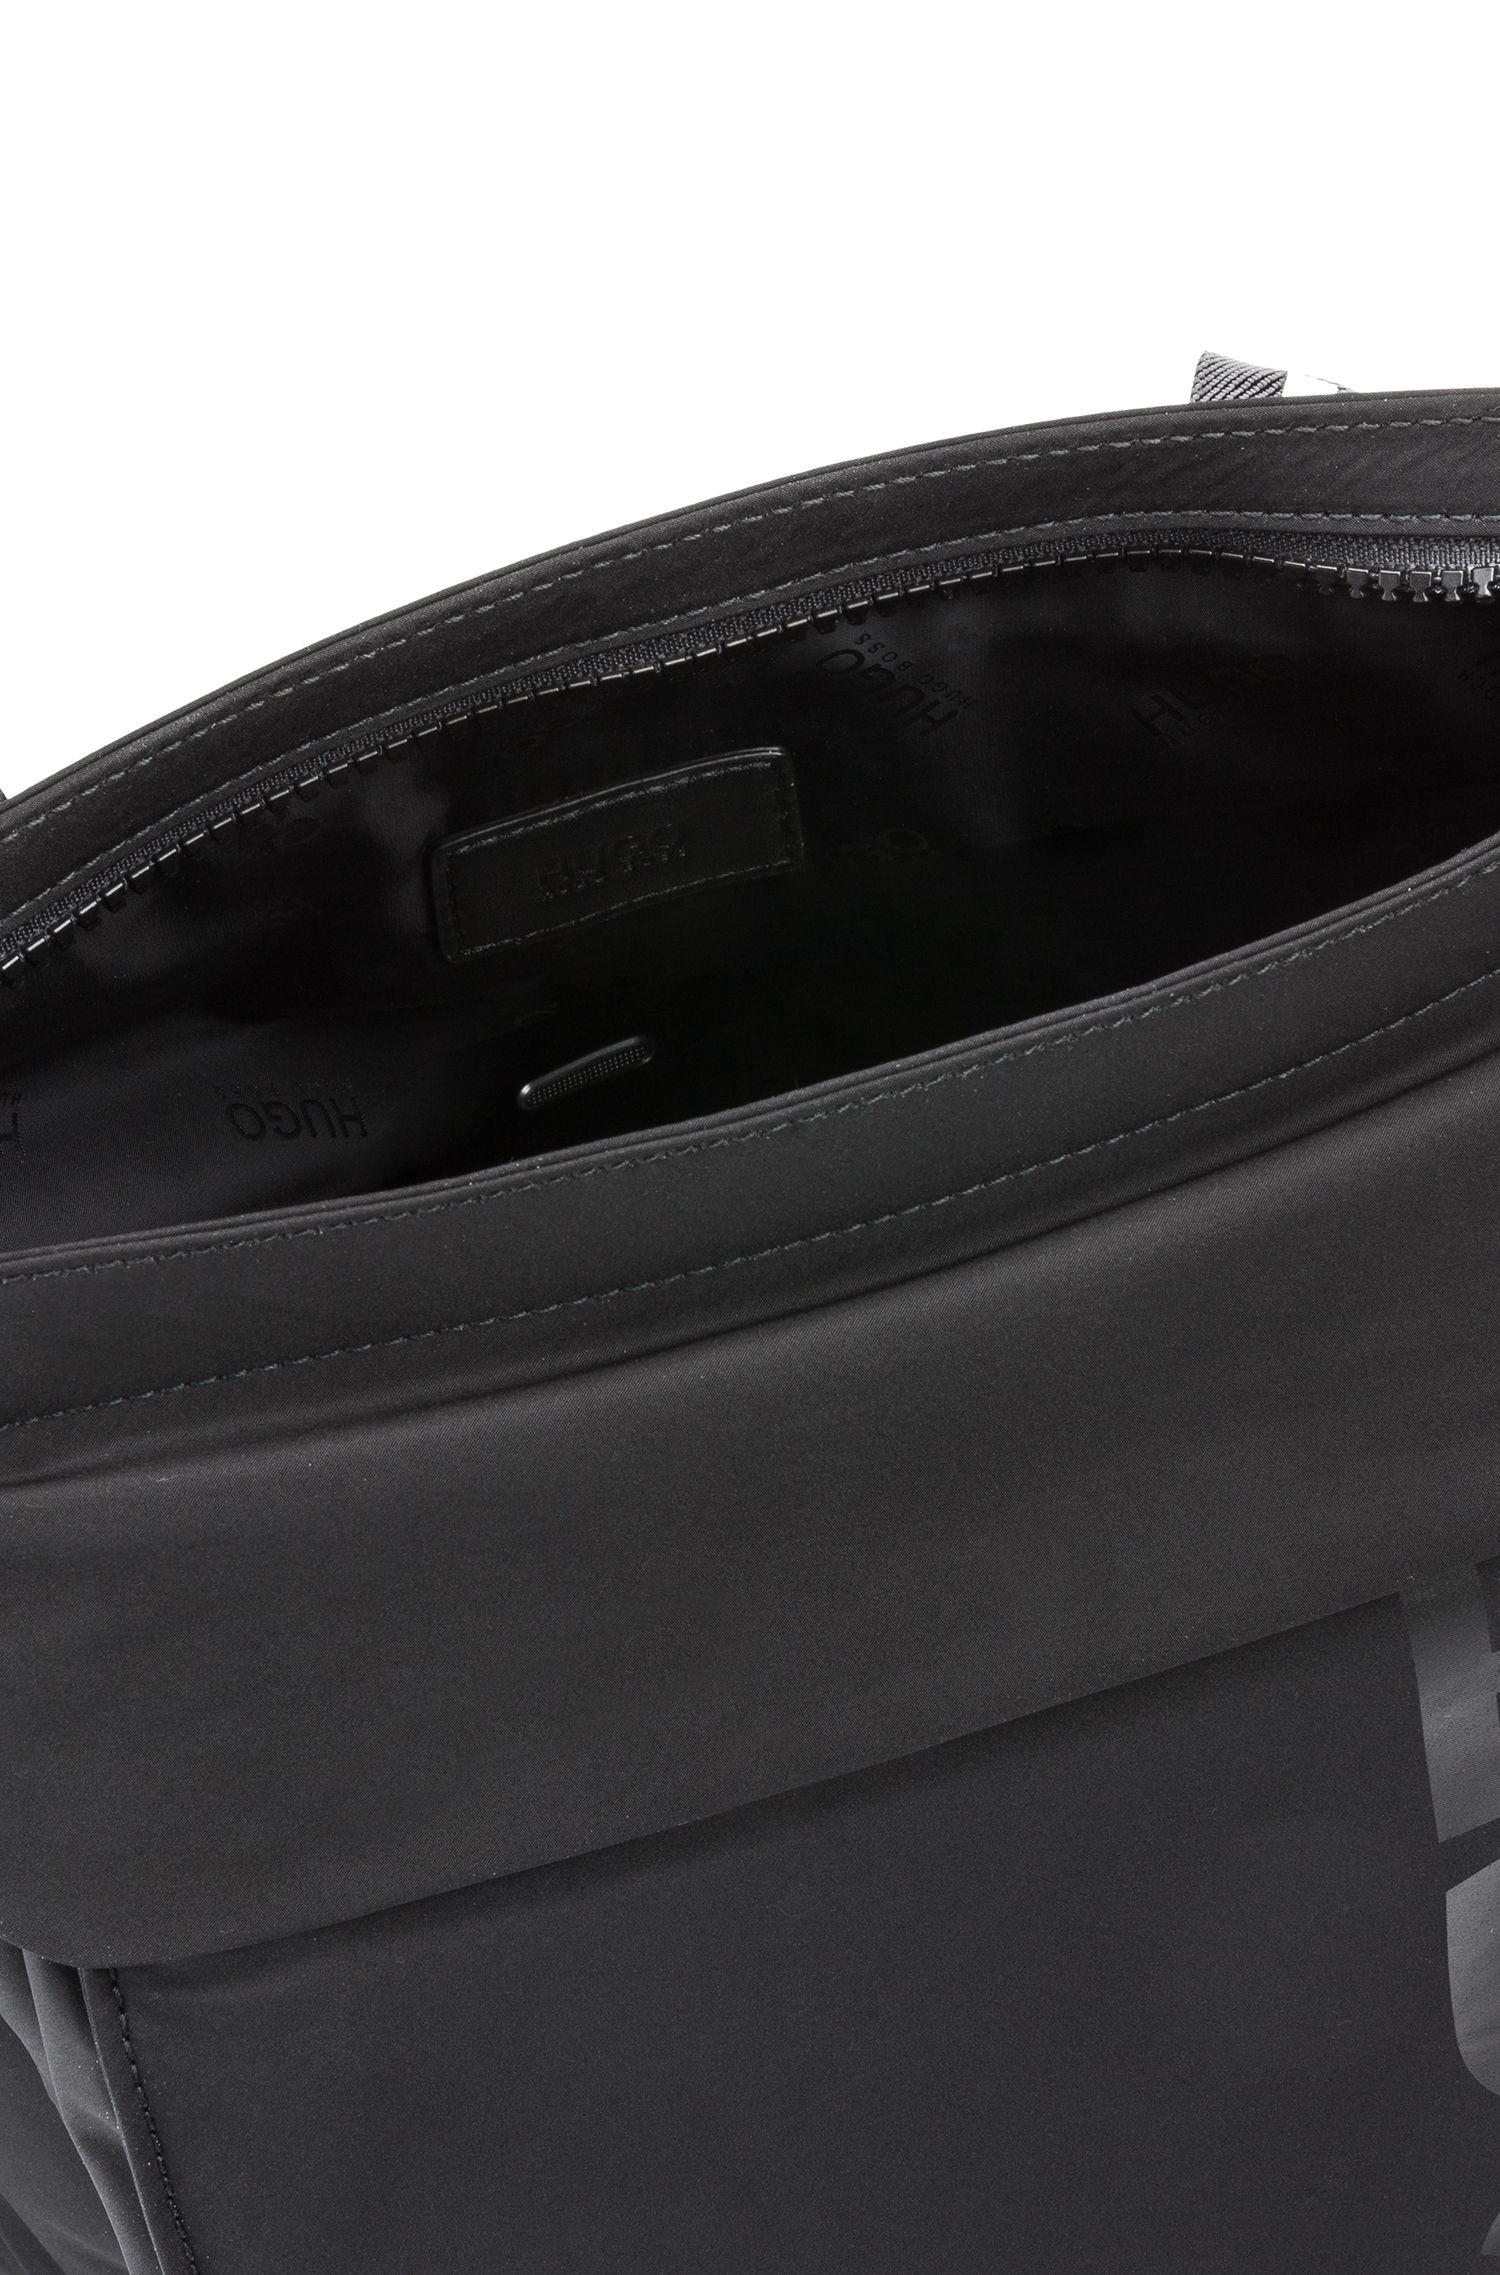 Reporter bag with detachable front pocket and shoulder strap, Black